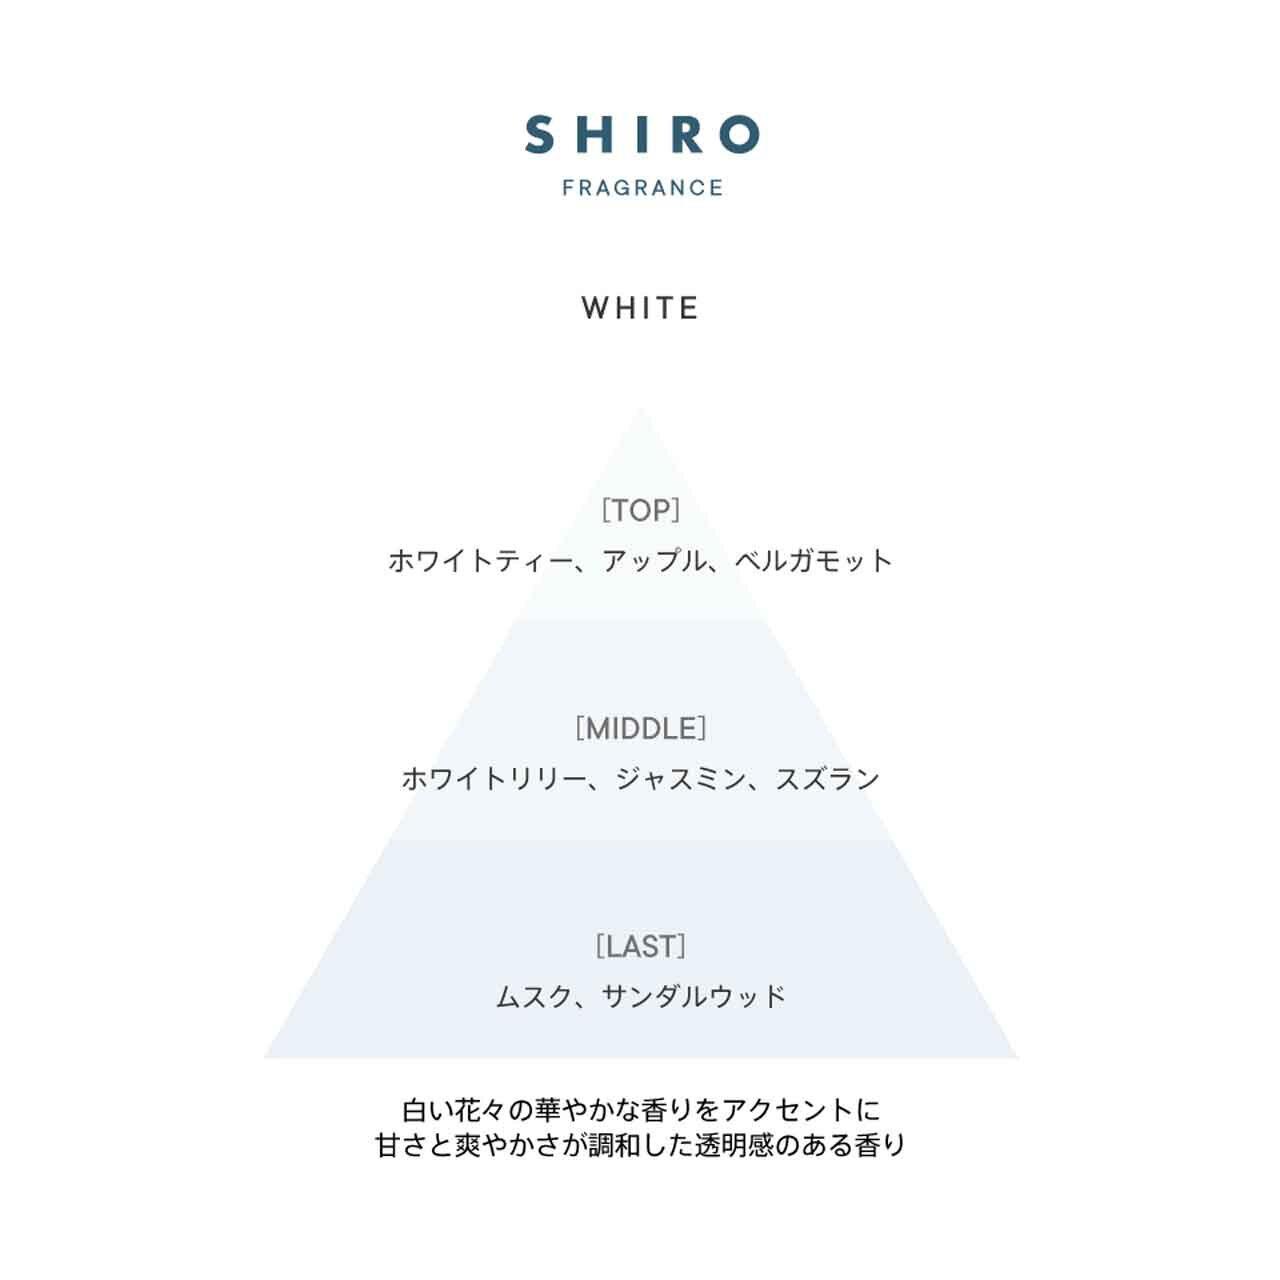 SHIRO/シロ 2021初夏限定「ホワイト」の香り